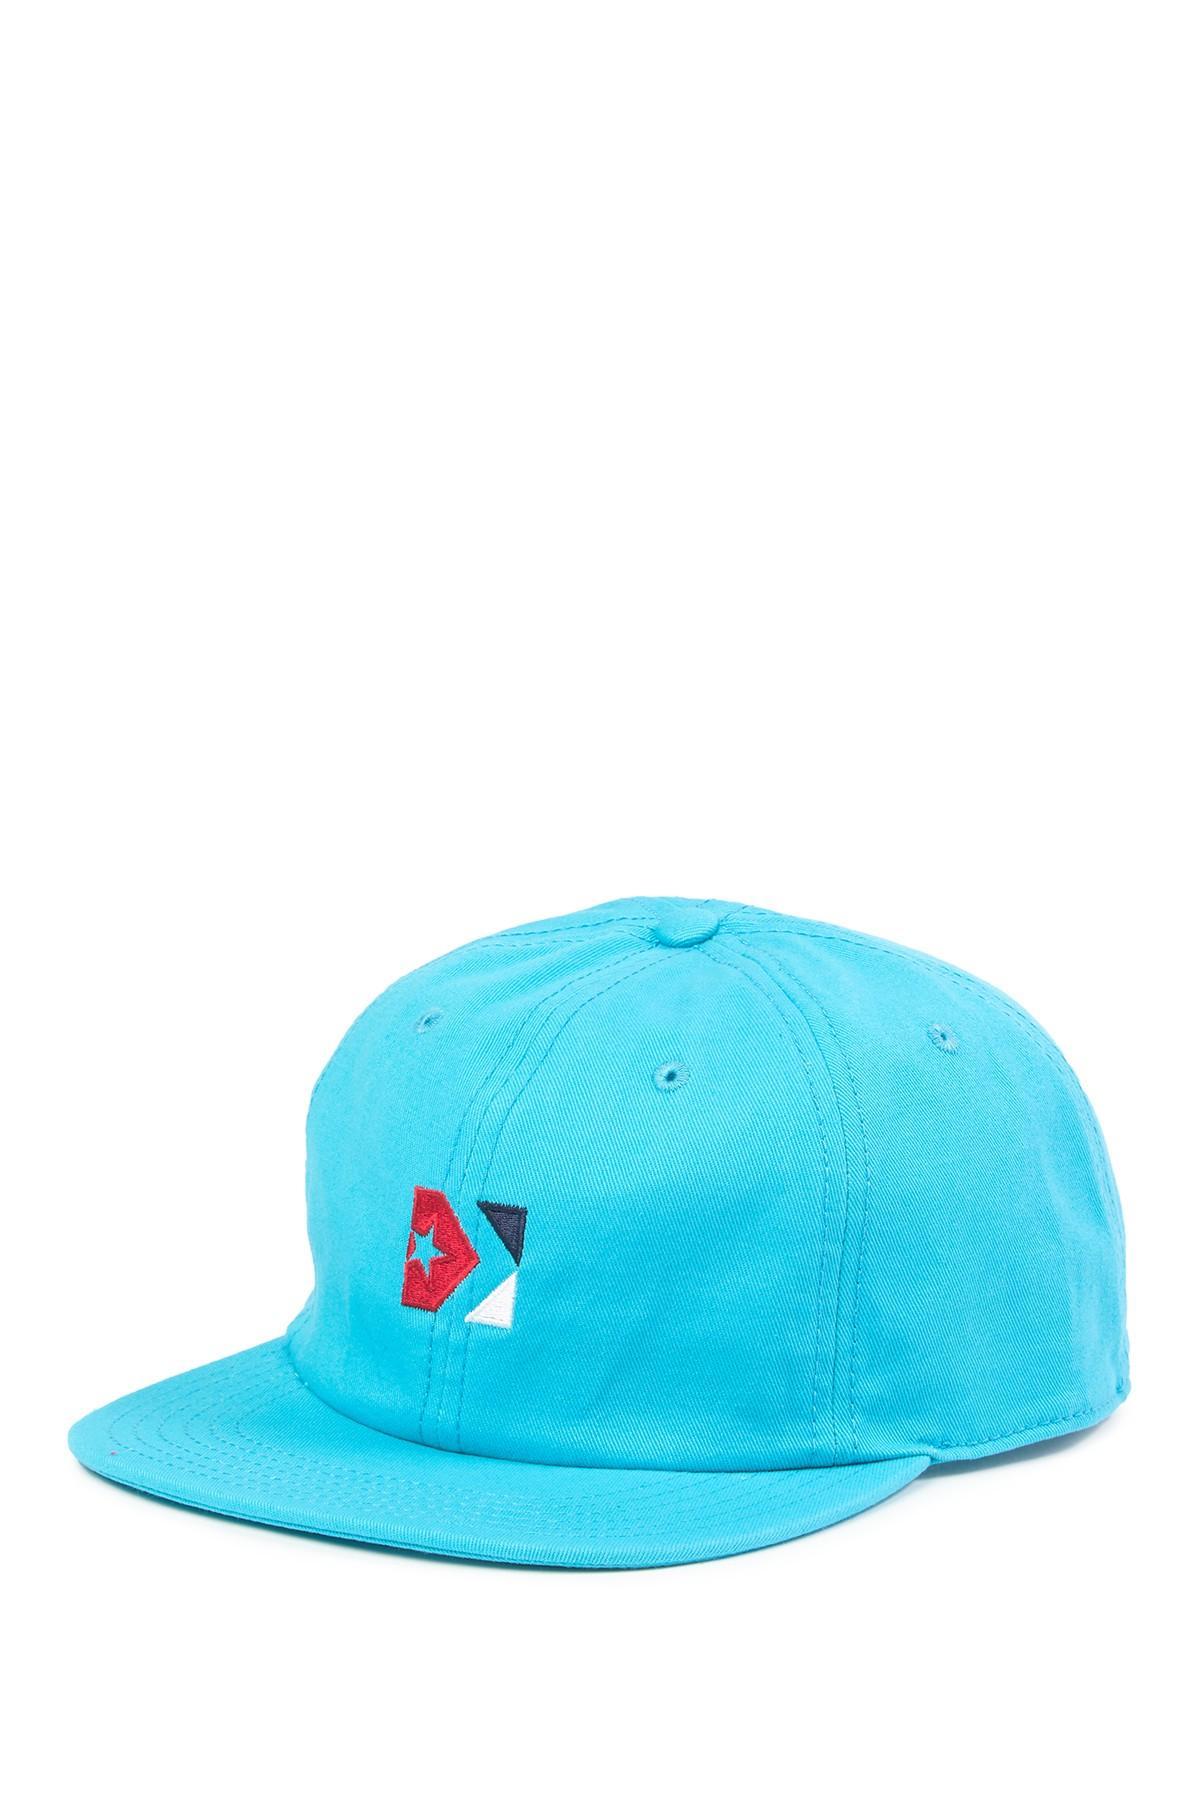 4a7335fb0ddeba Lyst - Converse Star Chevron Box 535 Cap in Blue